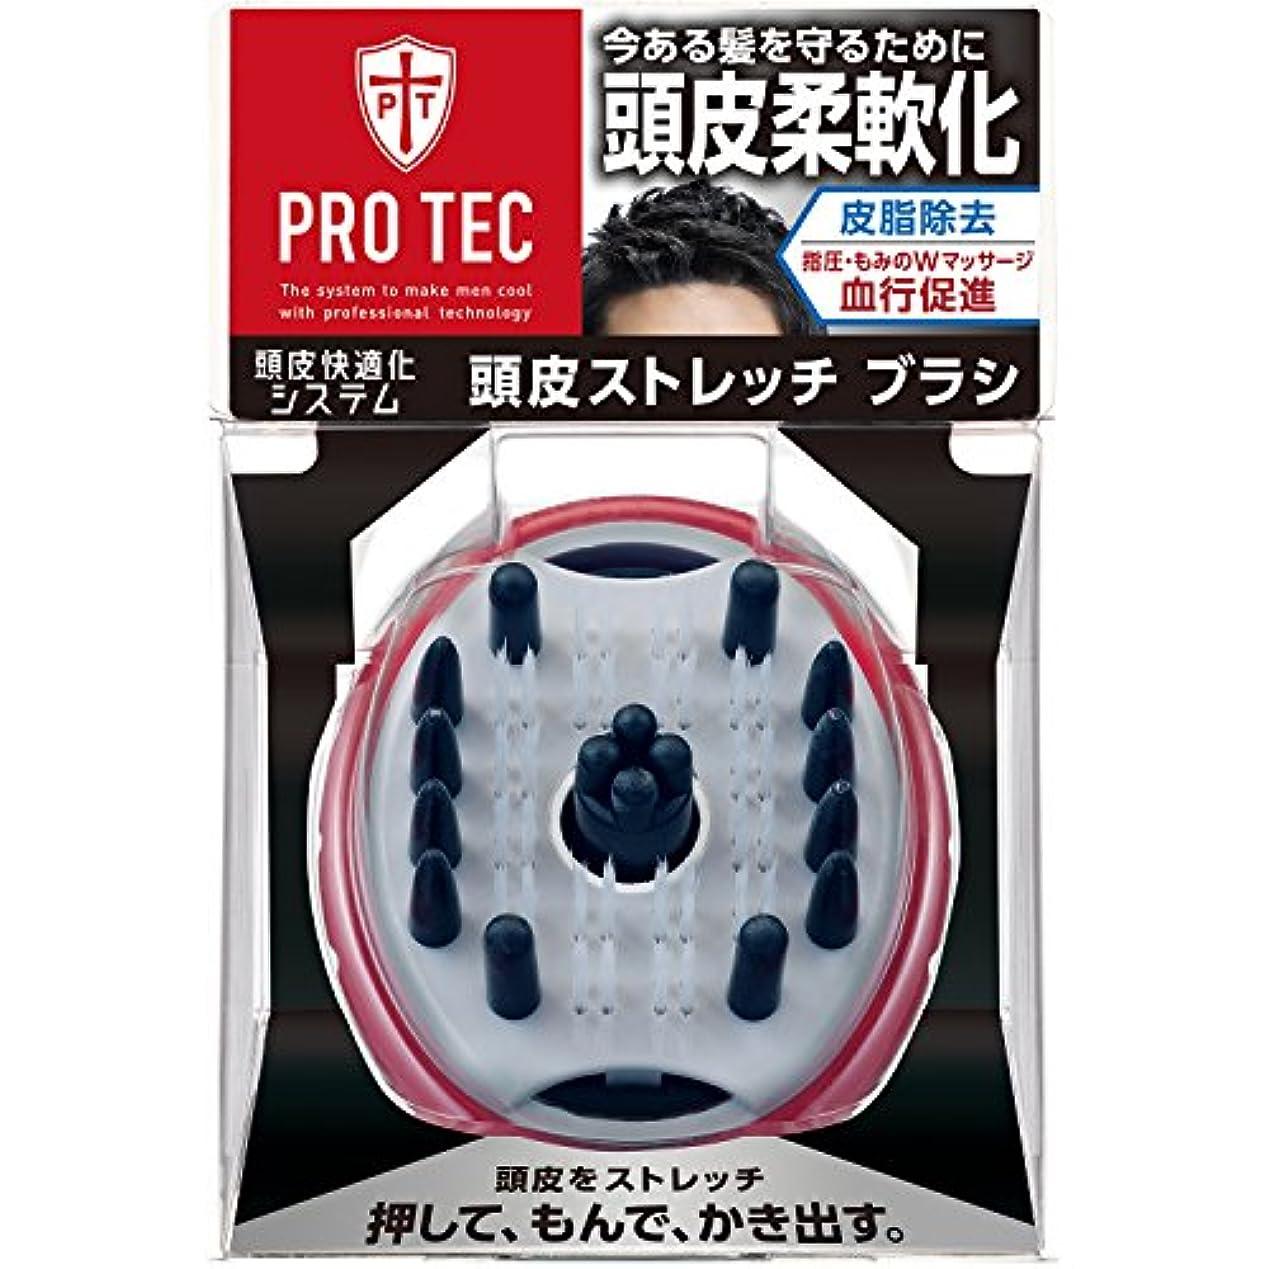 誠実さ打倒半径PRO TEC(プロテク) ウォッシングブラシ 頭皮ストレッチタイプ